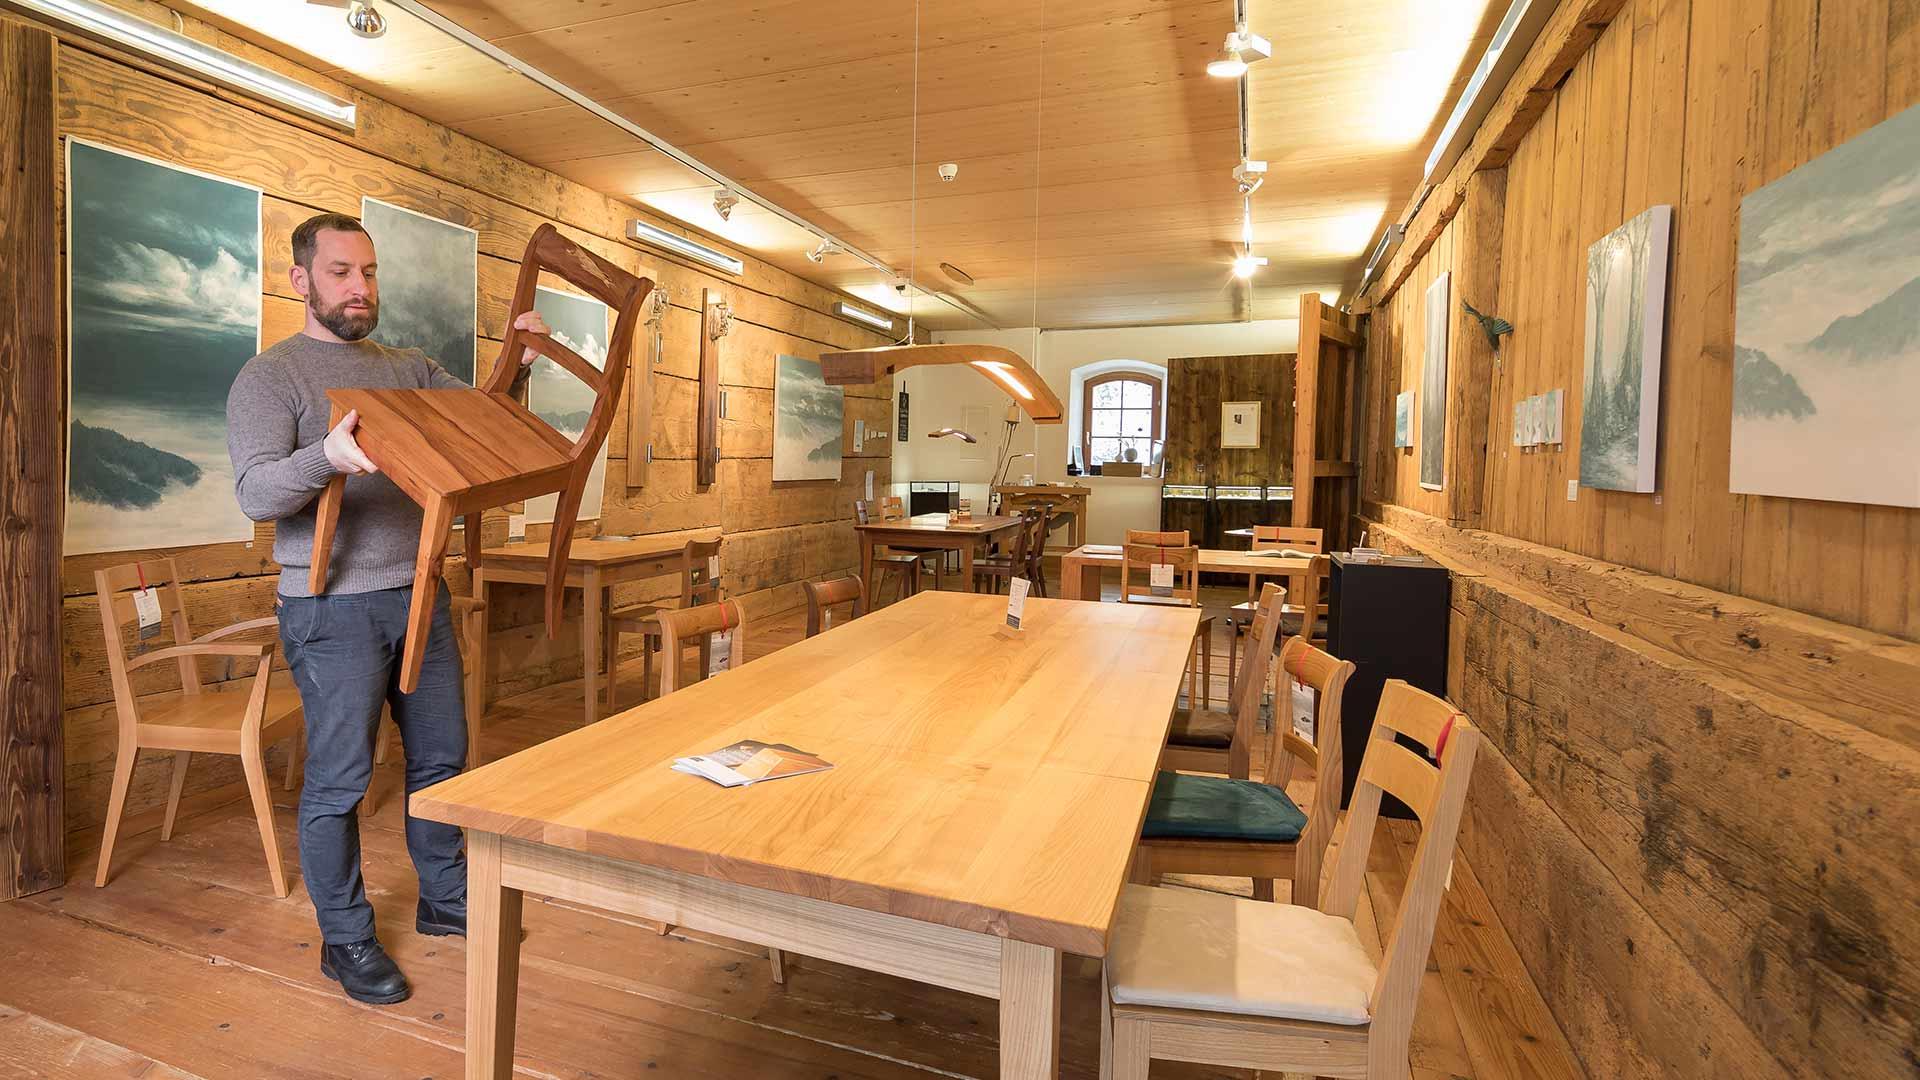 Wunderbar Lignum Möbel Mit System Foto Von Gaststätte, Marktscheune Regionalen Produkten Und Bücherladen, Auf